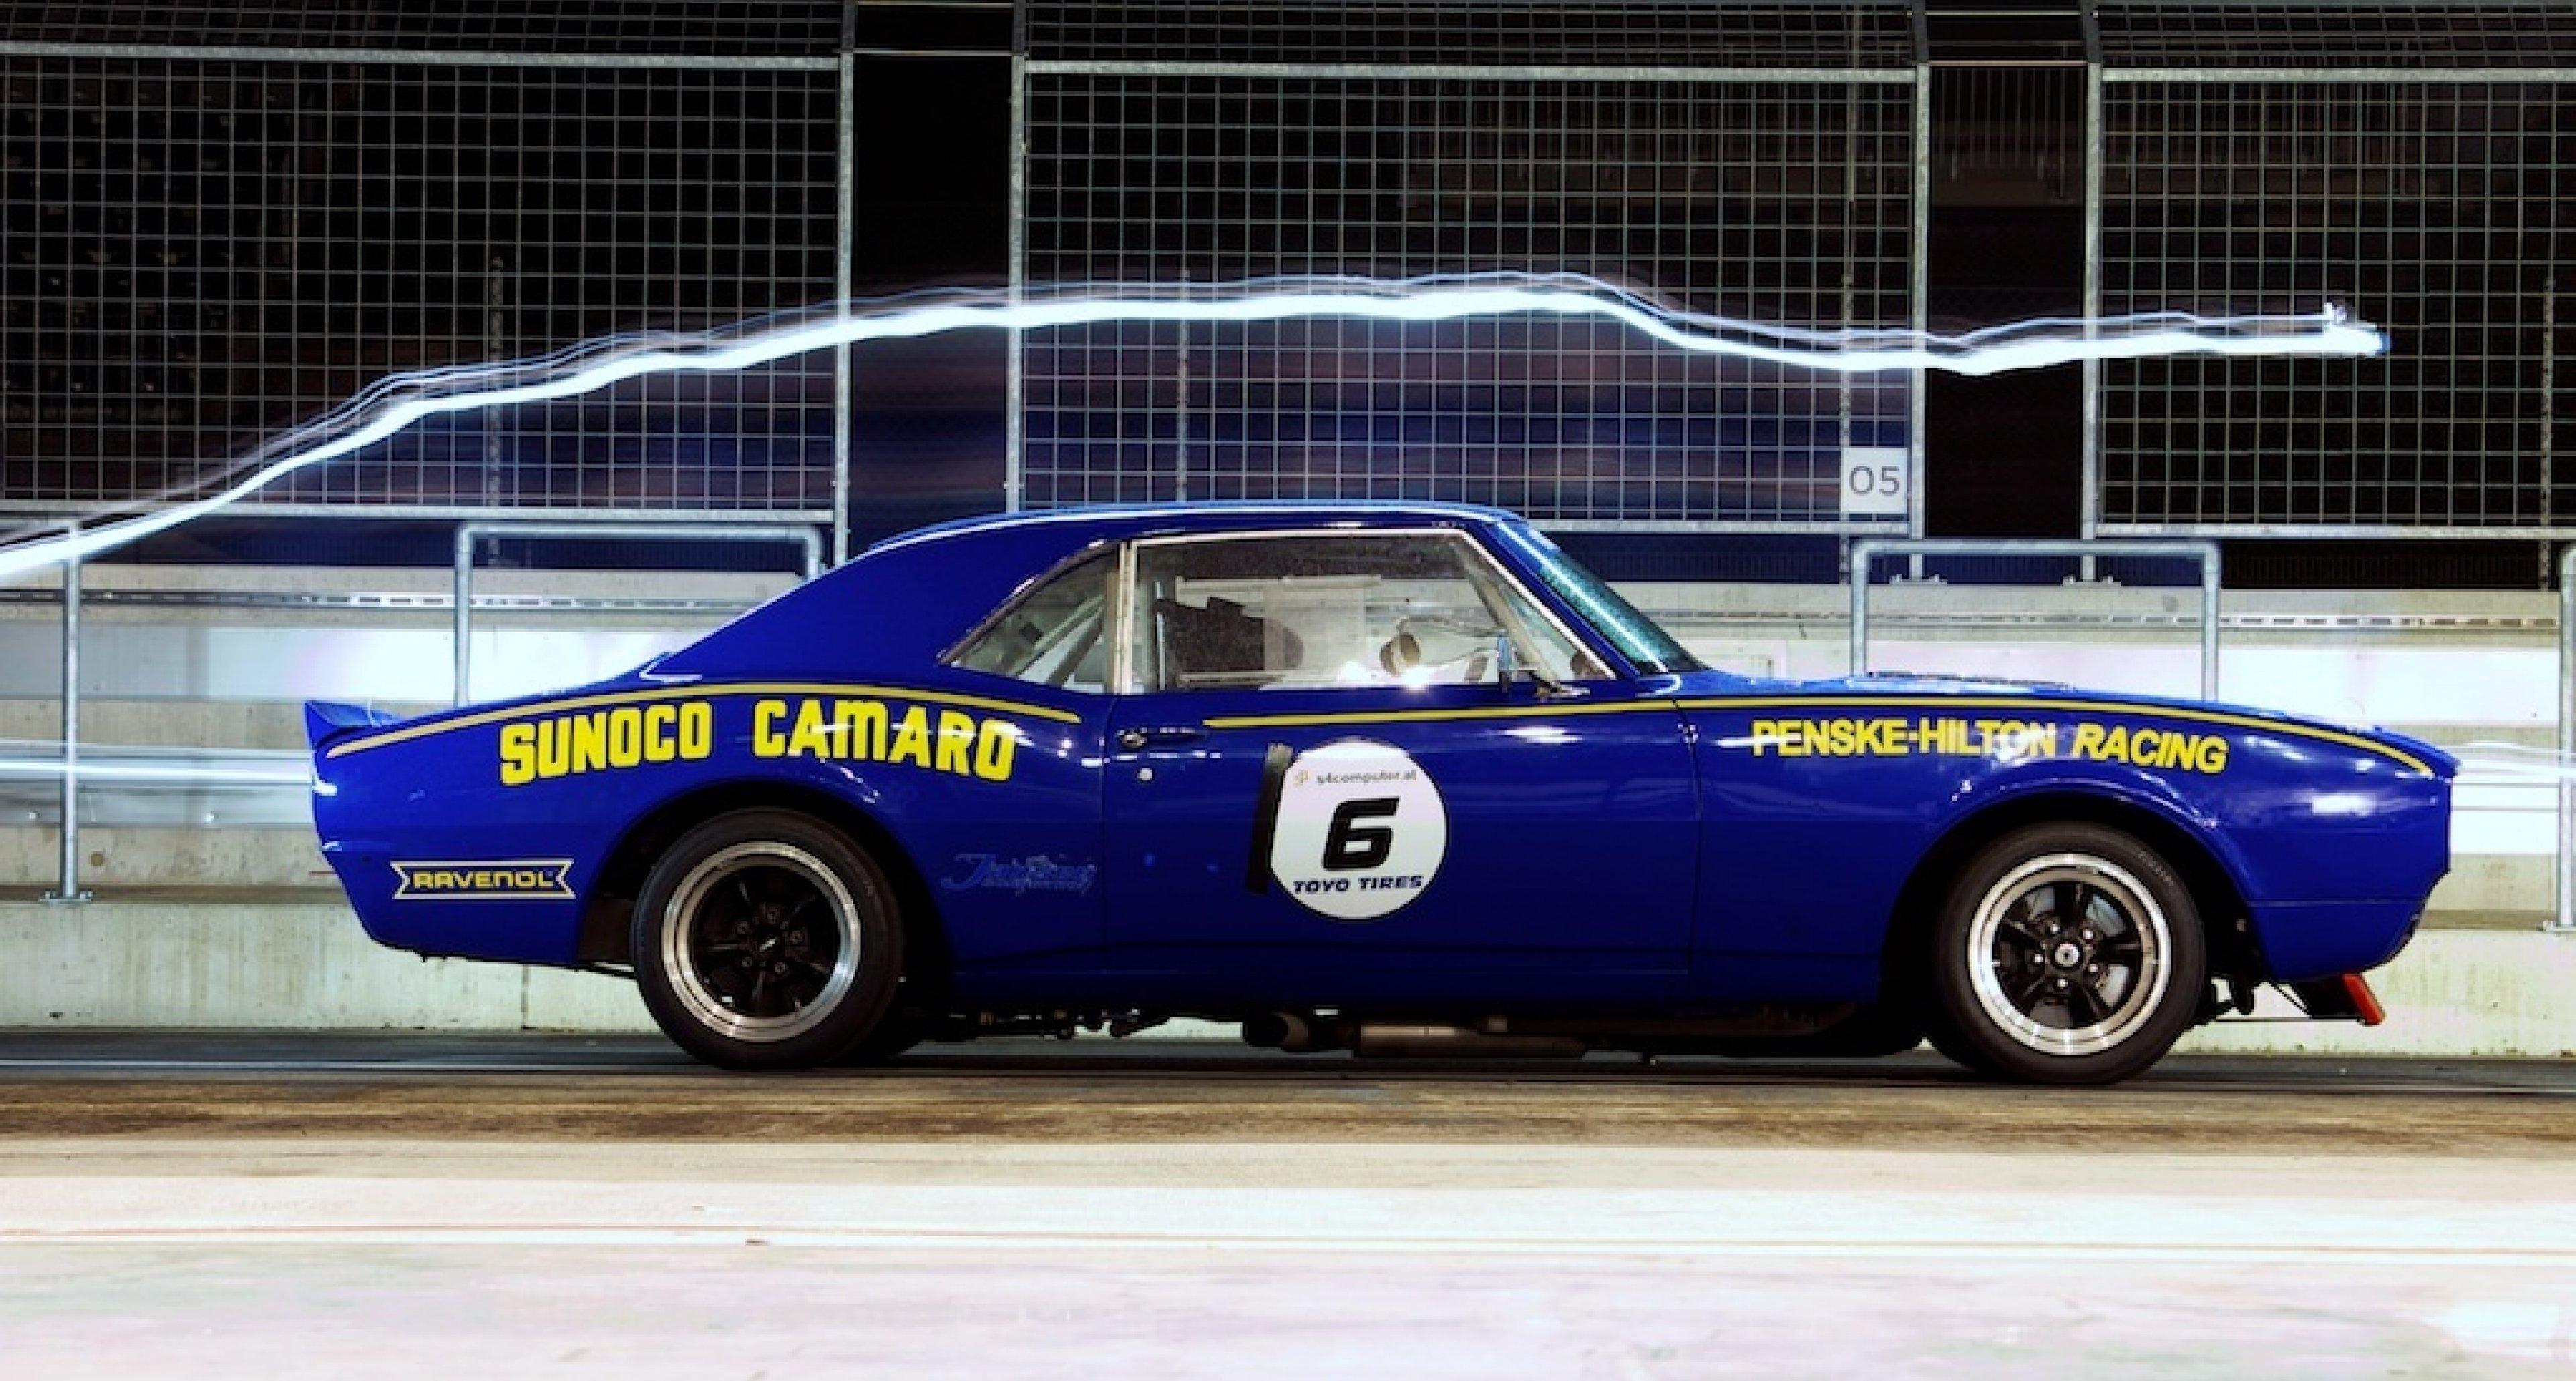 """1968 Chevrolet Camaro RS """"Sunoco Camaro"""" Tribute"""